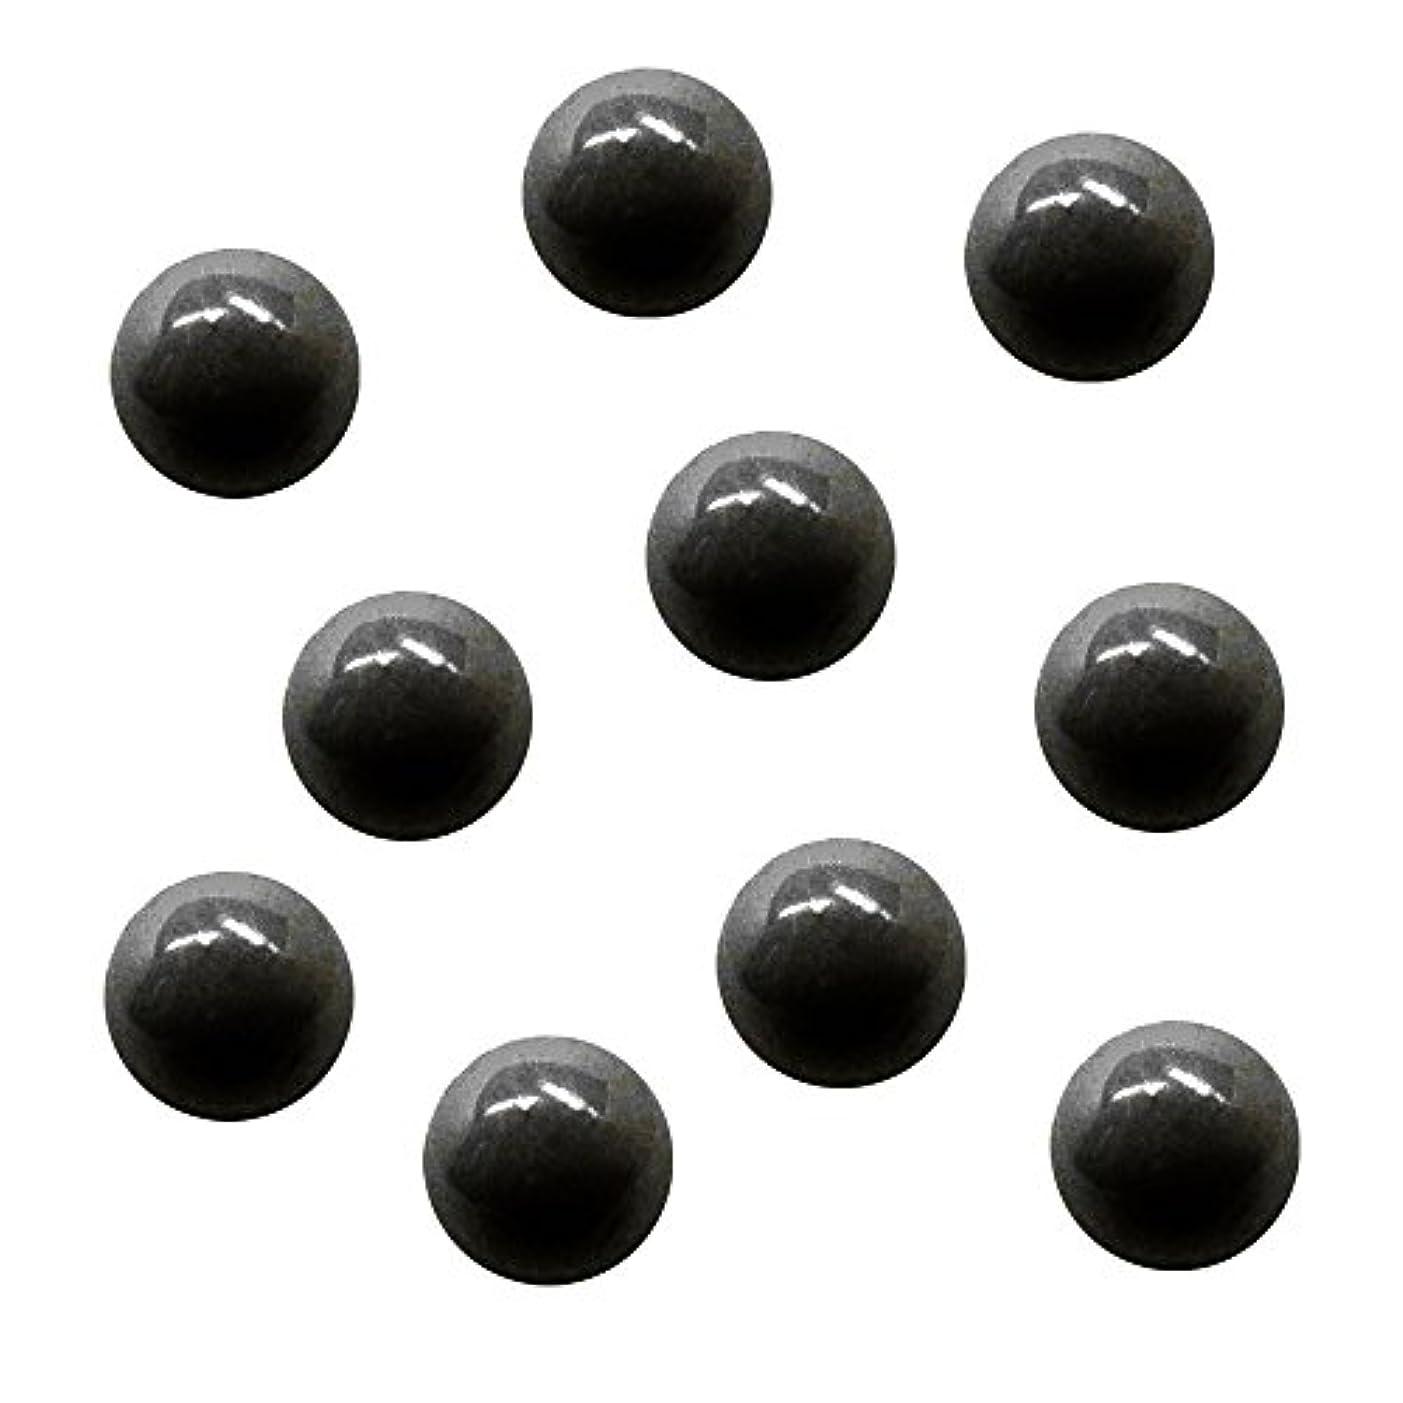 曖昧な不正確適格サンシャインベビー ジェルネイル ジュエリーボール ブラック5mm 10P